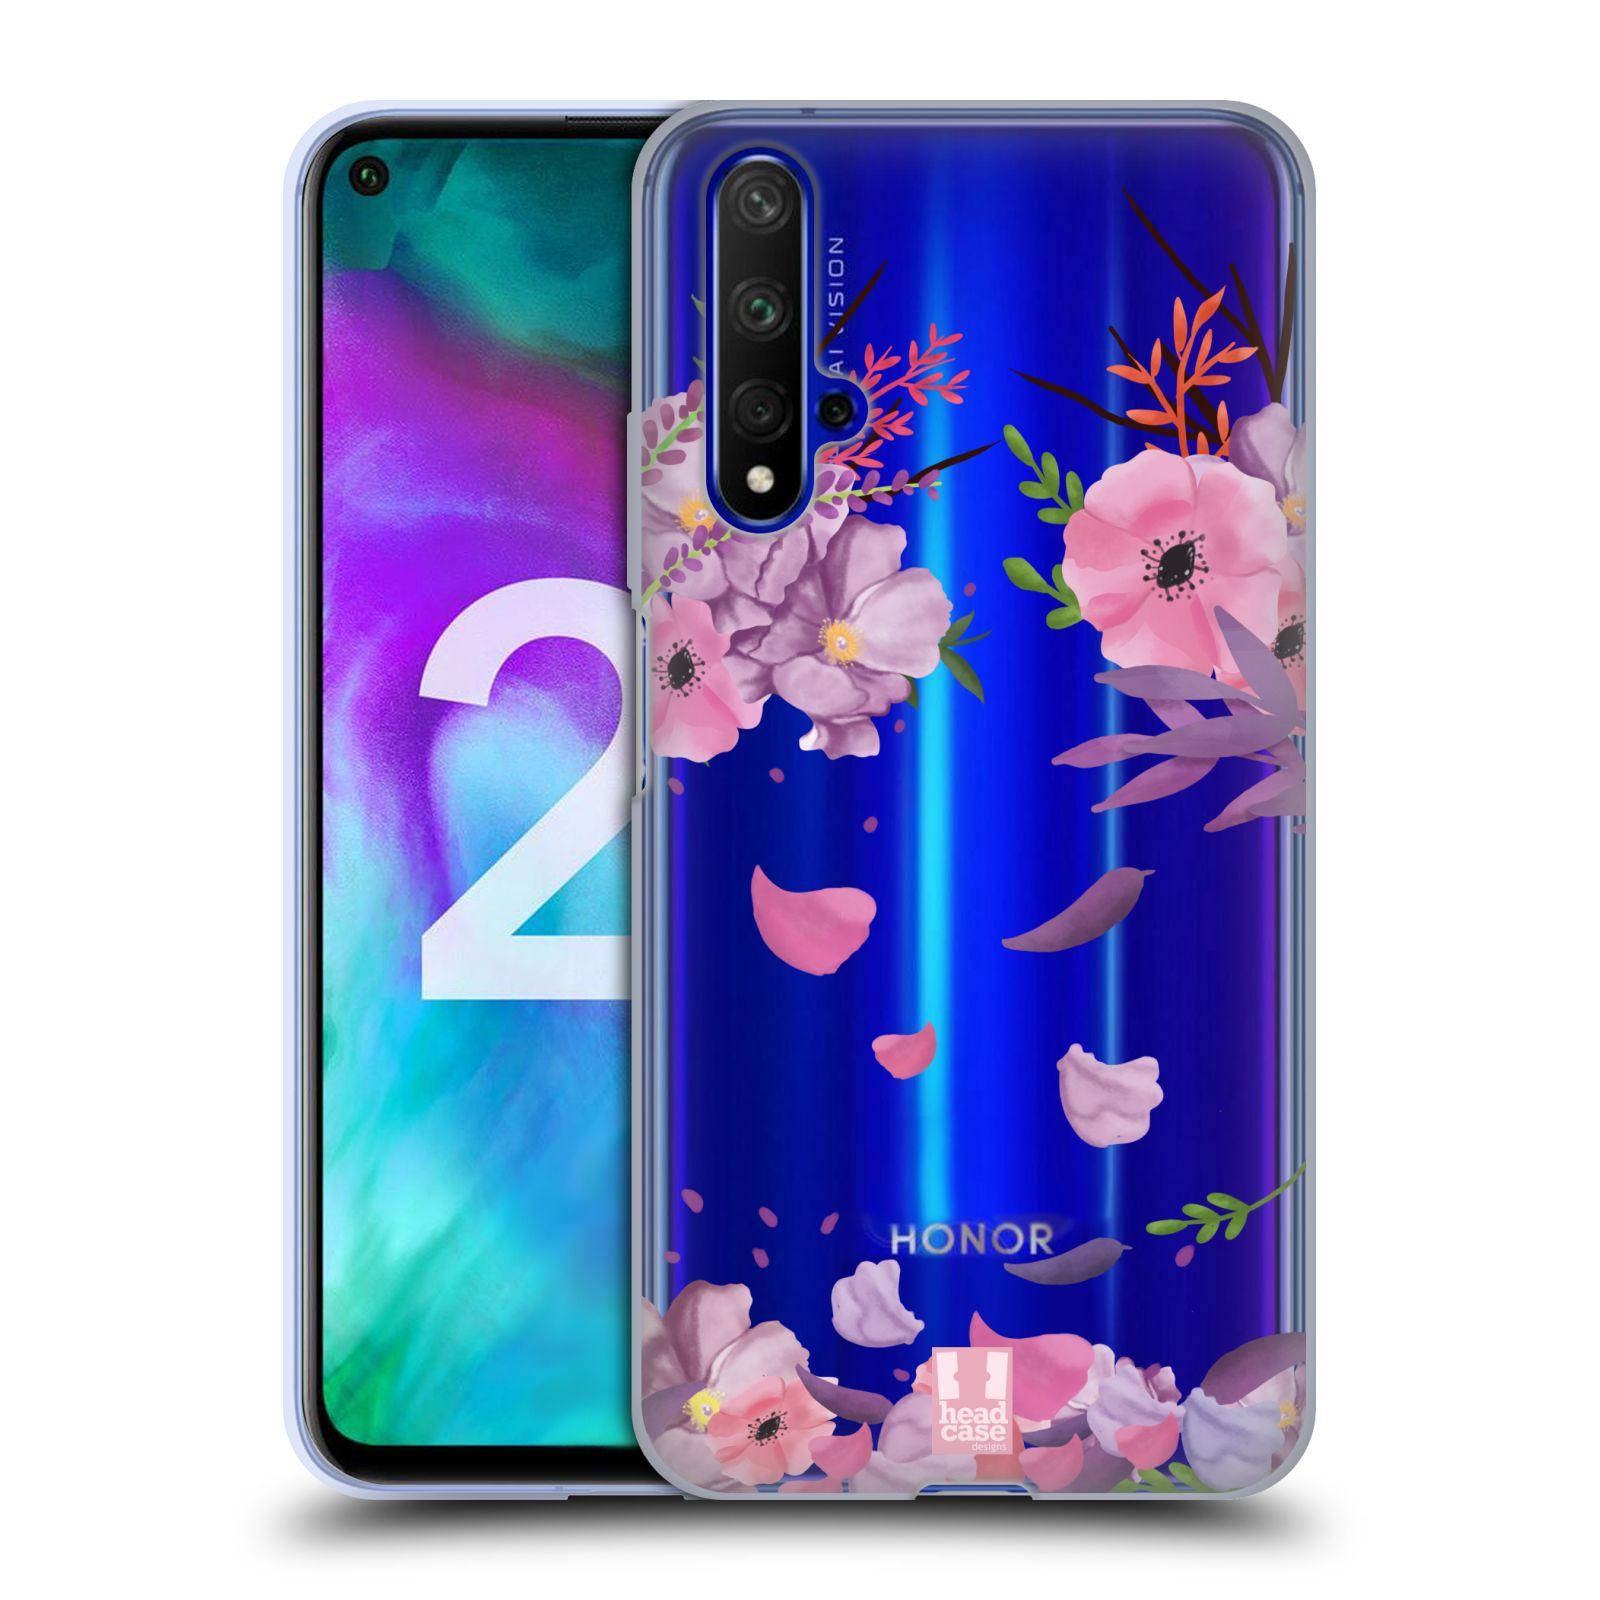 Silikonové pouzdro na mobil Honor 20 - Head Case - Okvětní lístky